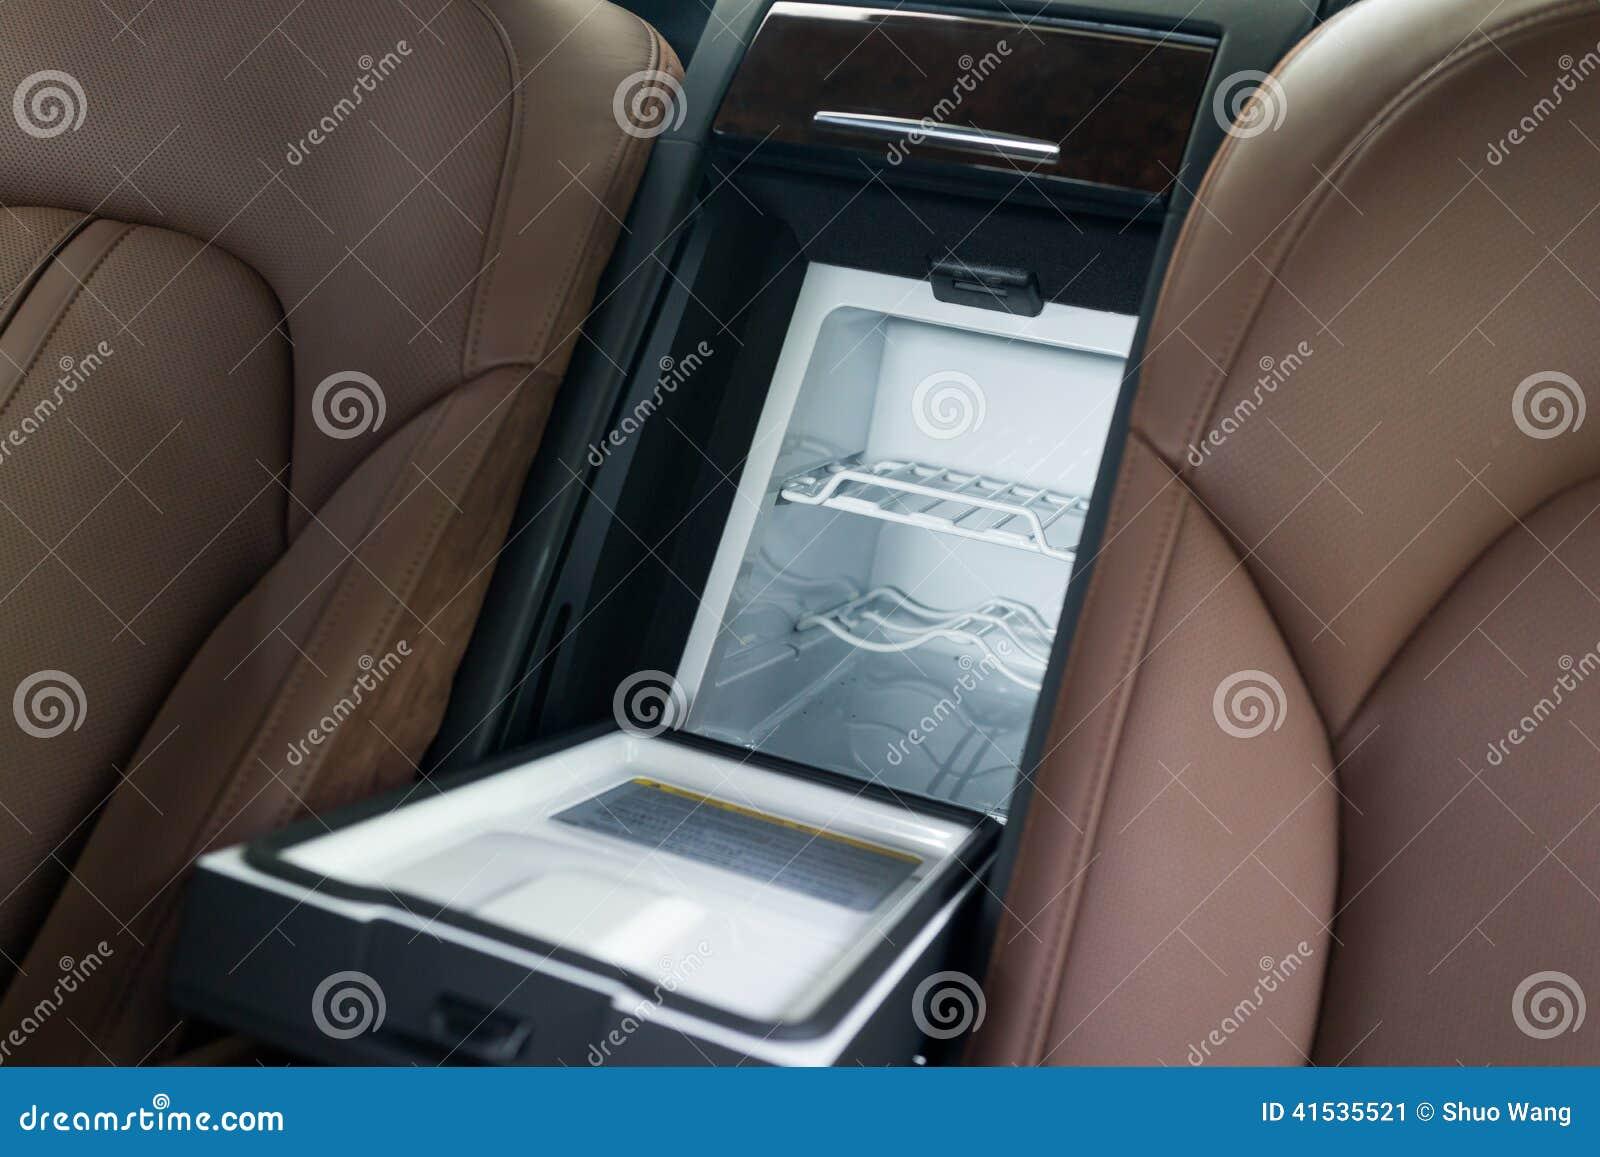 Auto Kühlschrank Klein : Autokühlschrank stockbild bild von kühlraum klein mittlere